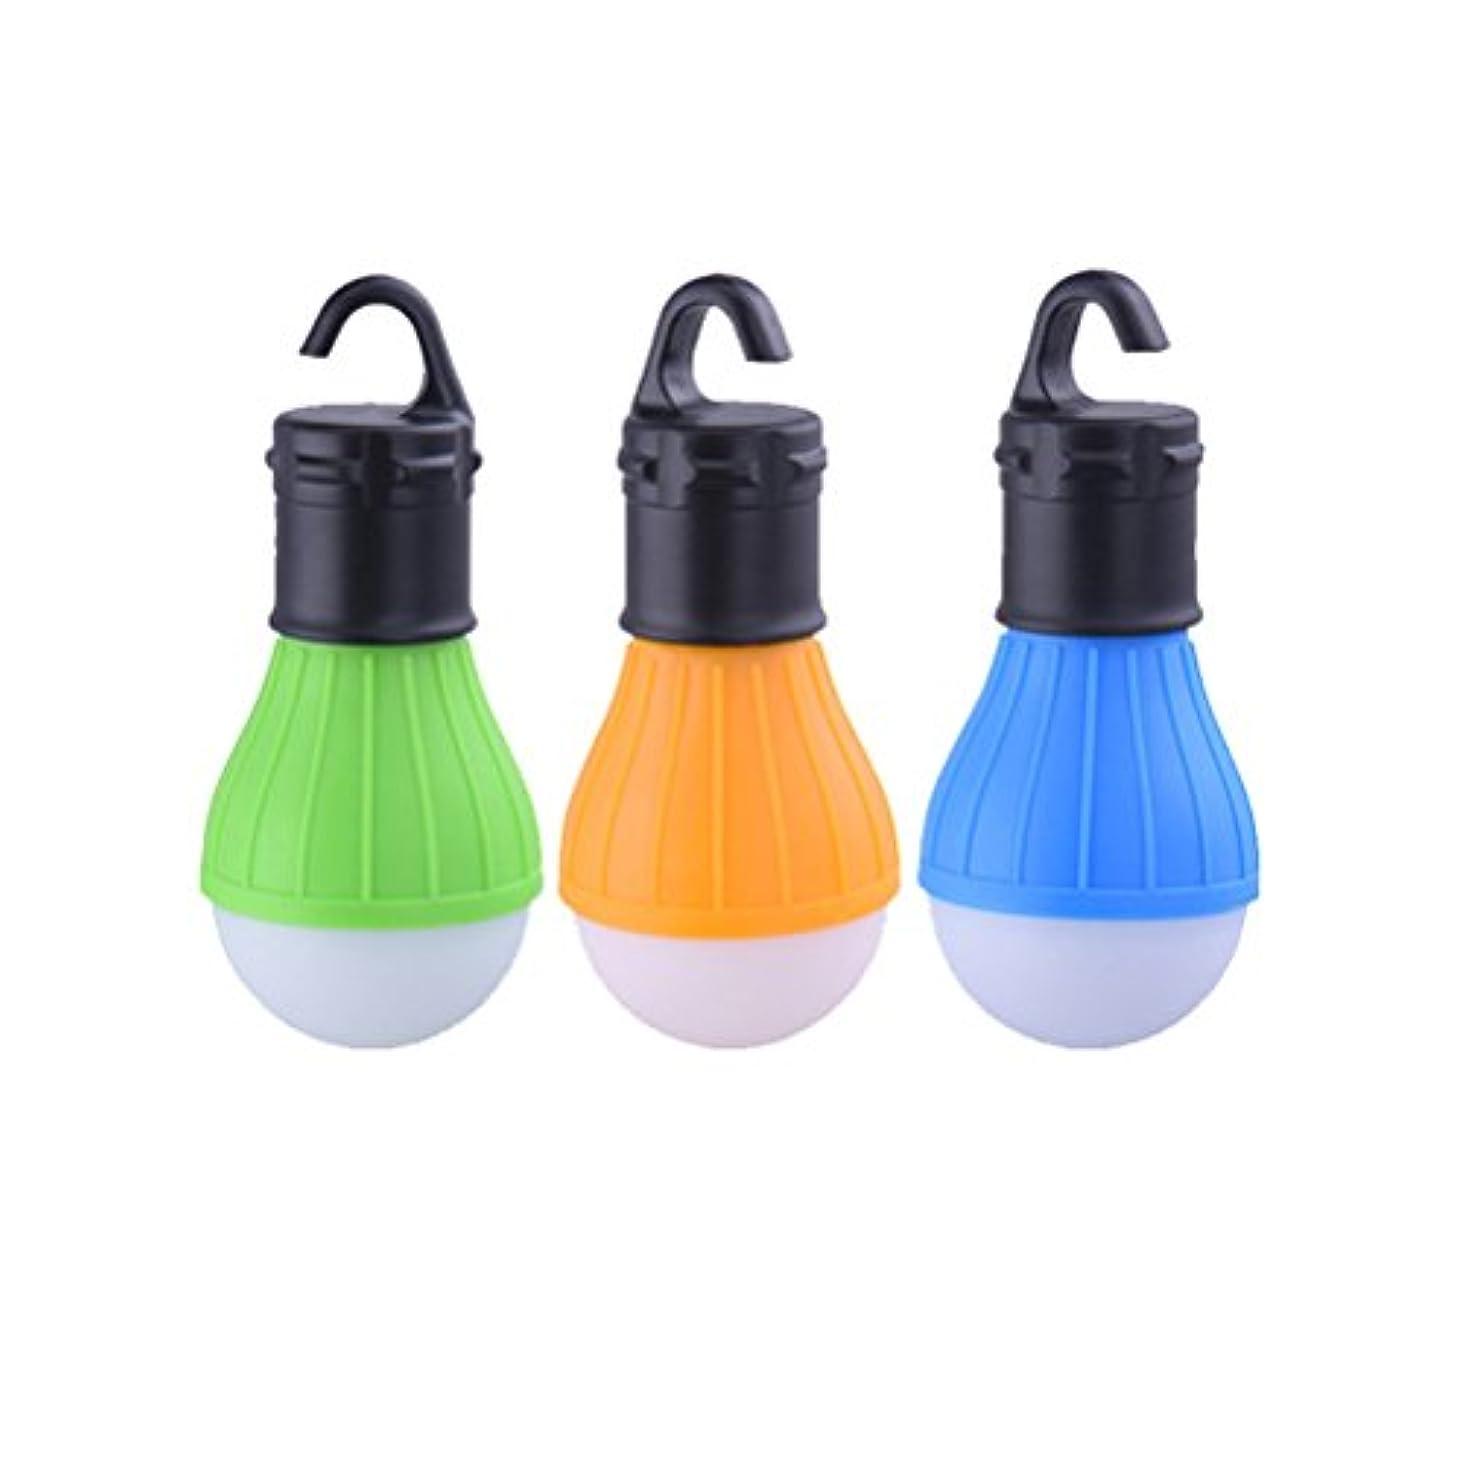 明るい些細ものVORCOOL キャンプライト ラップトップ アウトドア LED電球ポータブルランプ 防水 LEDライト緊急テント キャンプランタン電球 ハイキング 釣り 狩猟 登山活動用 3ピース(オレンジ+ブルー+グリーン)